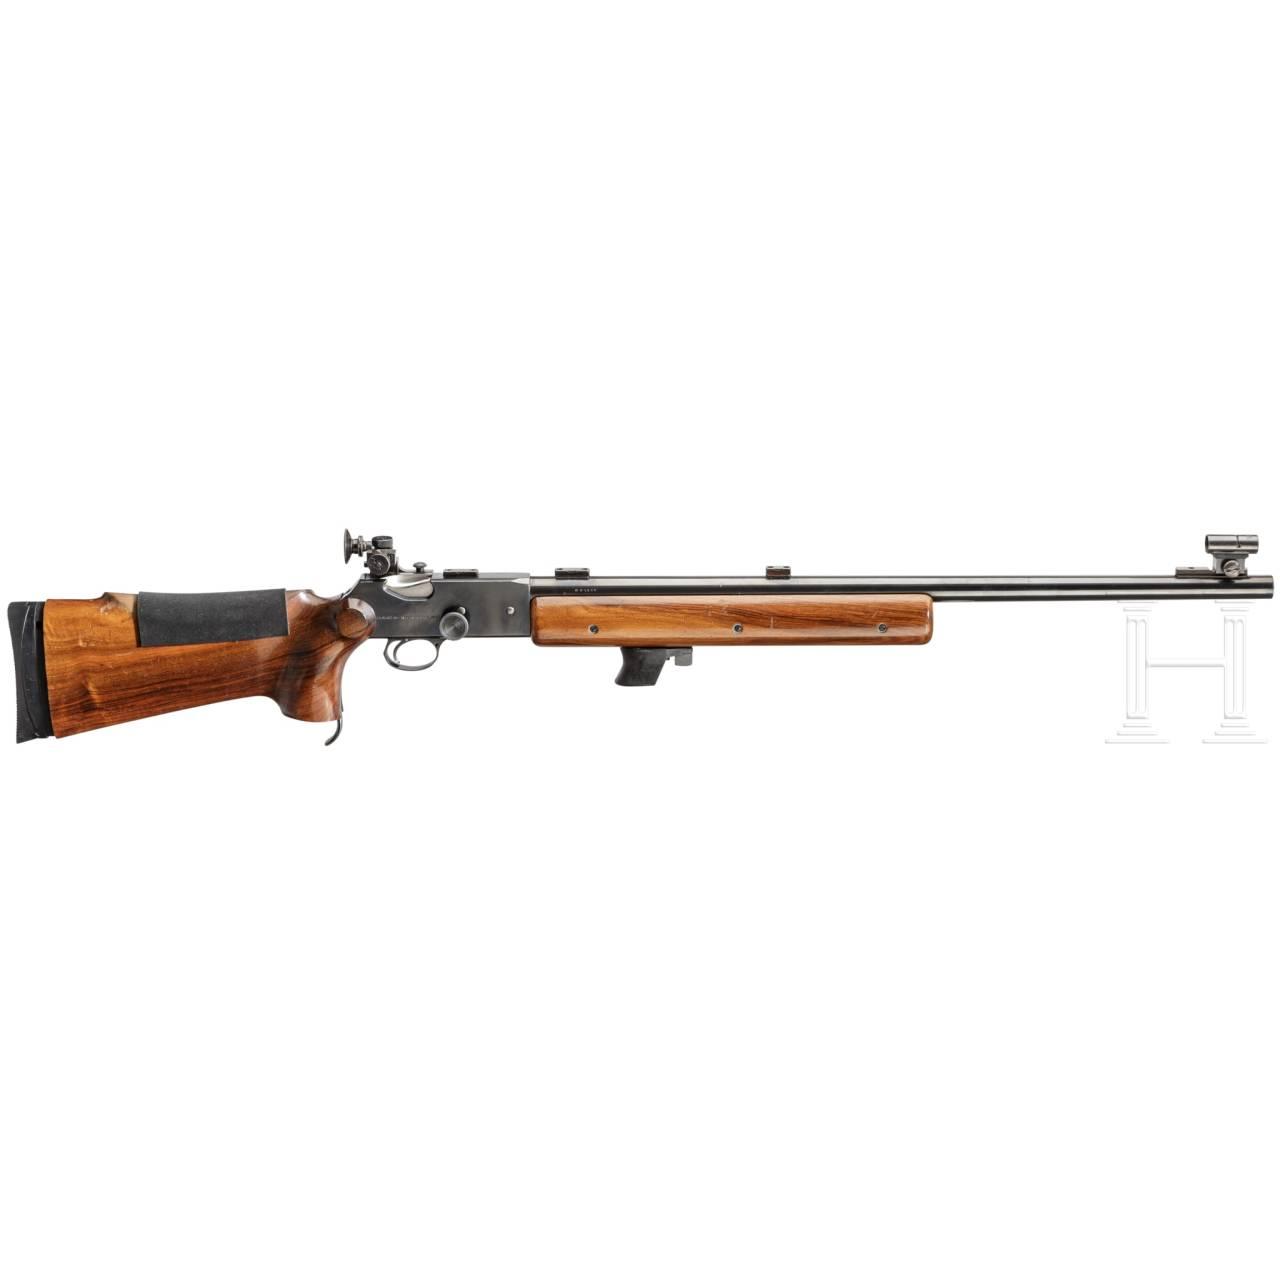 Einzelladerbüchse Martini Rifle Mk. III, B.S.A., mit Diopter